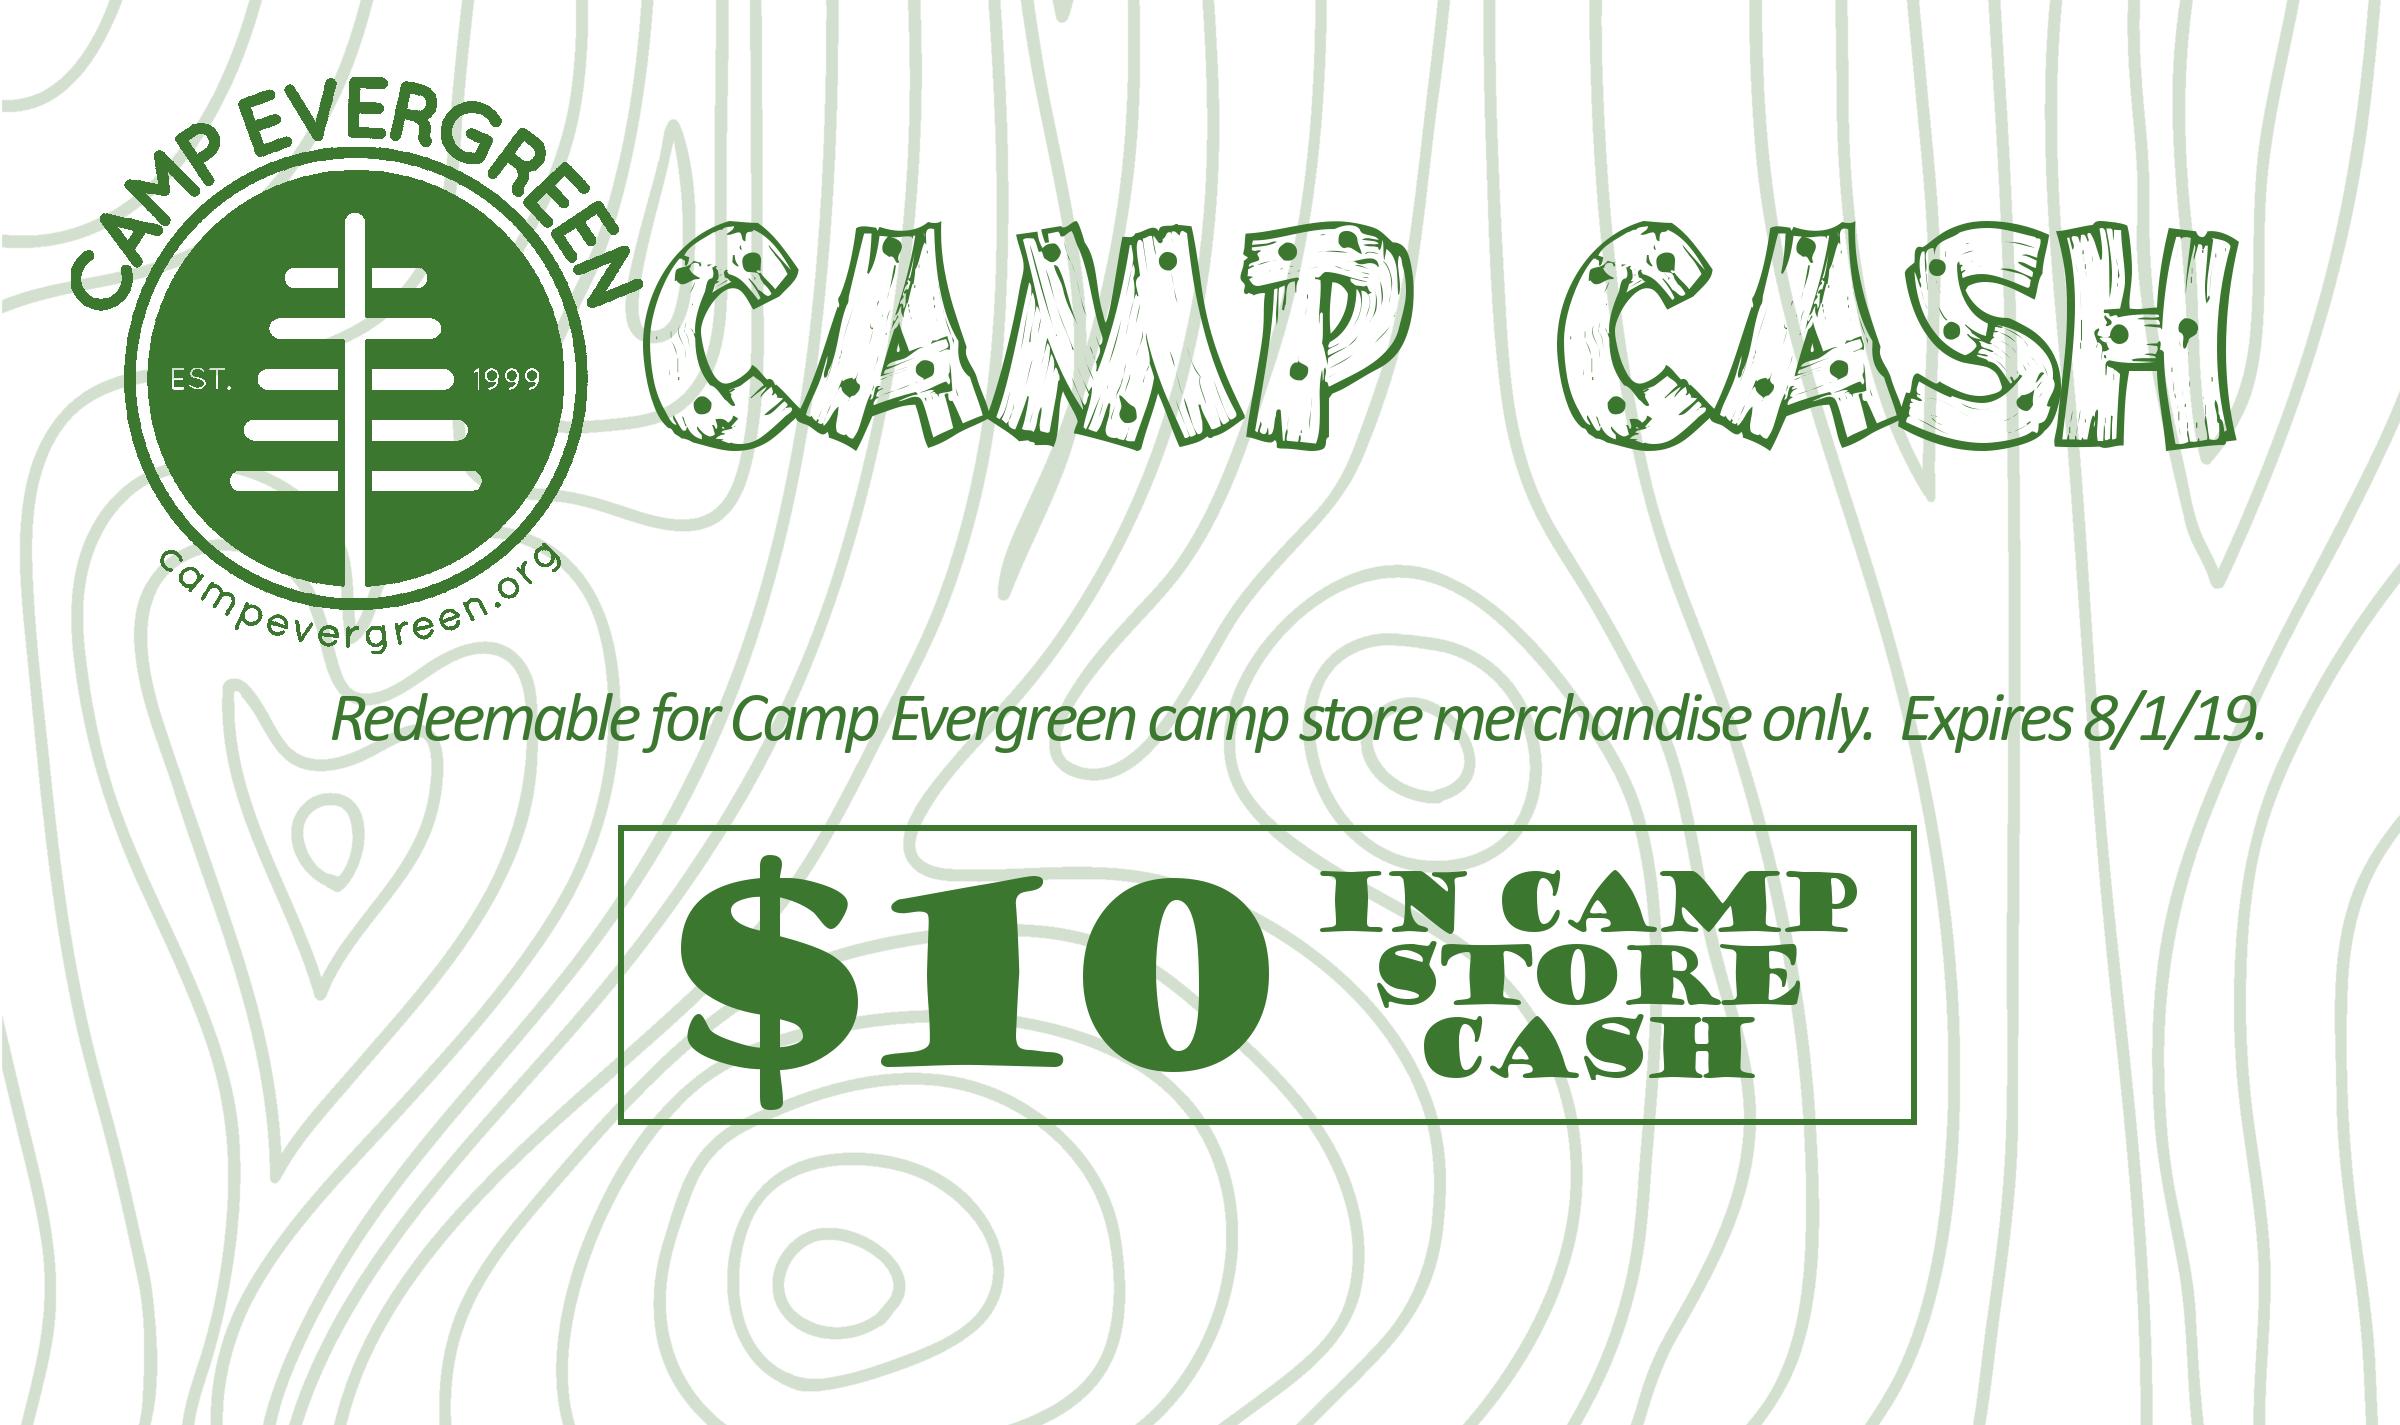 CampCash.png